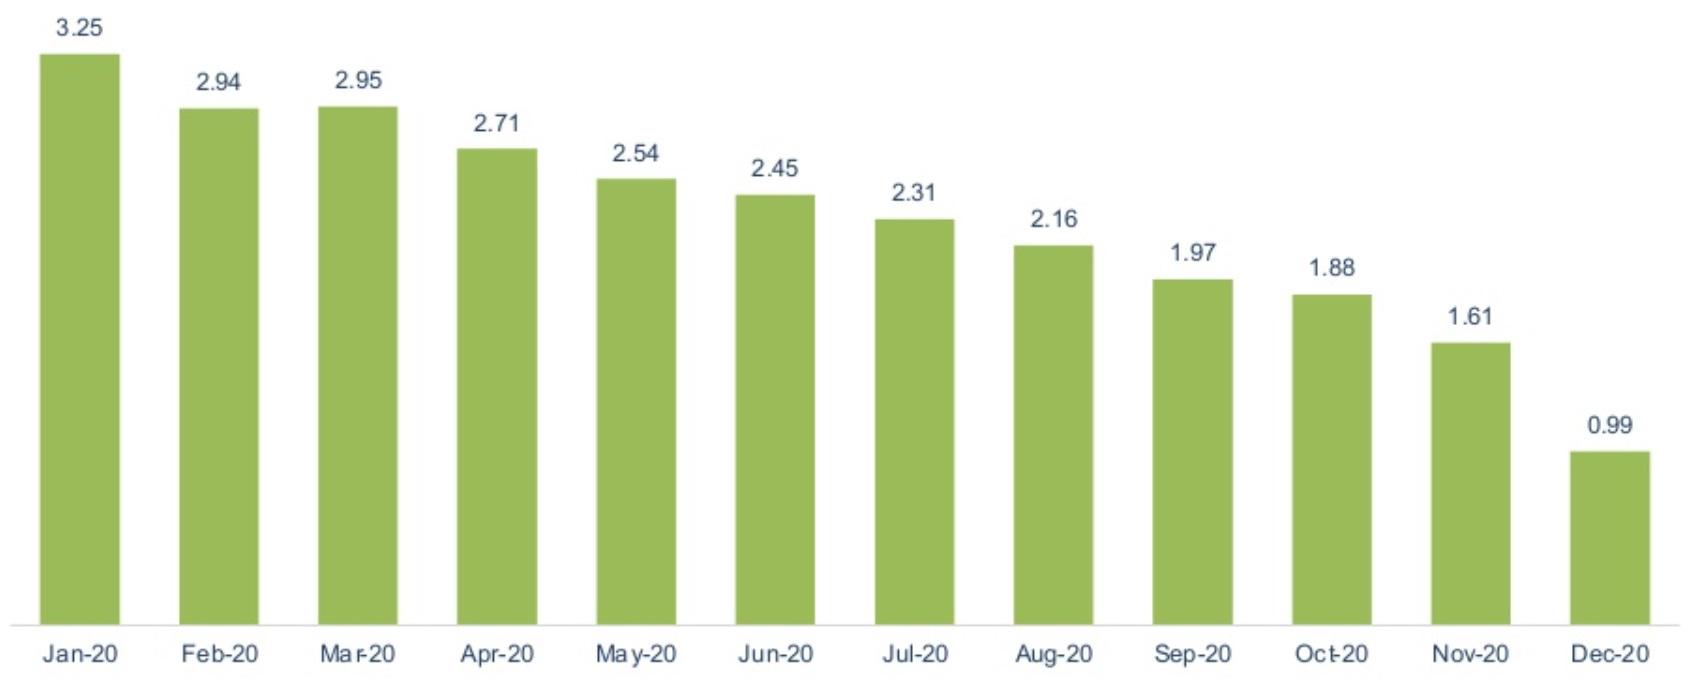 Chỉ số lạm phát qua từng tháng năm 2020